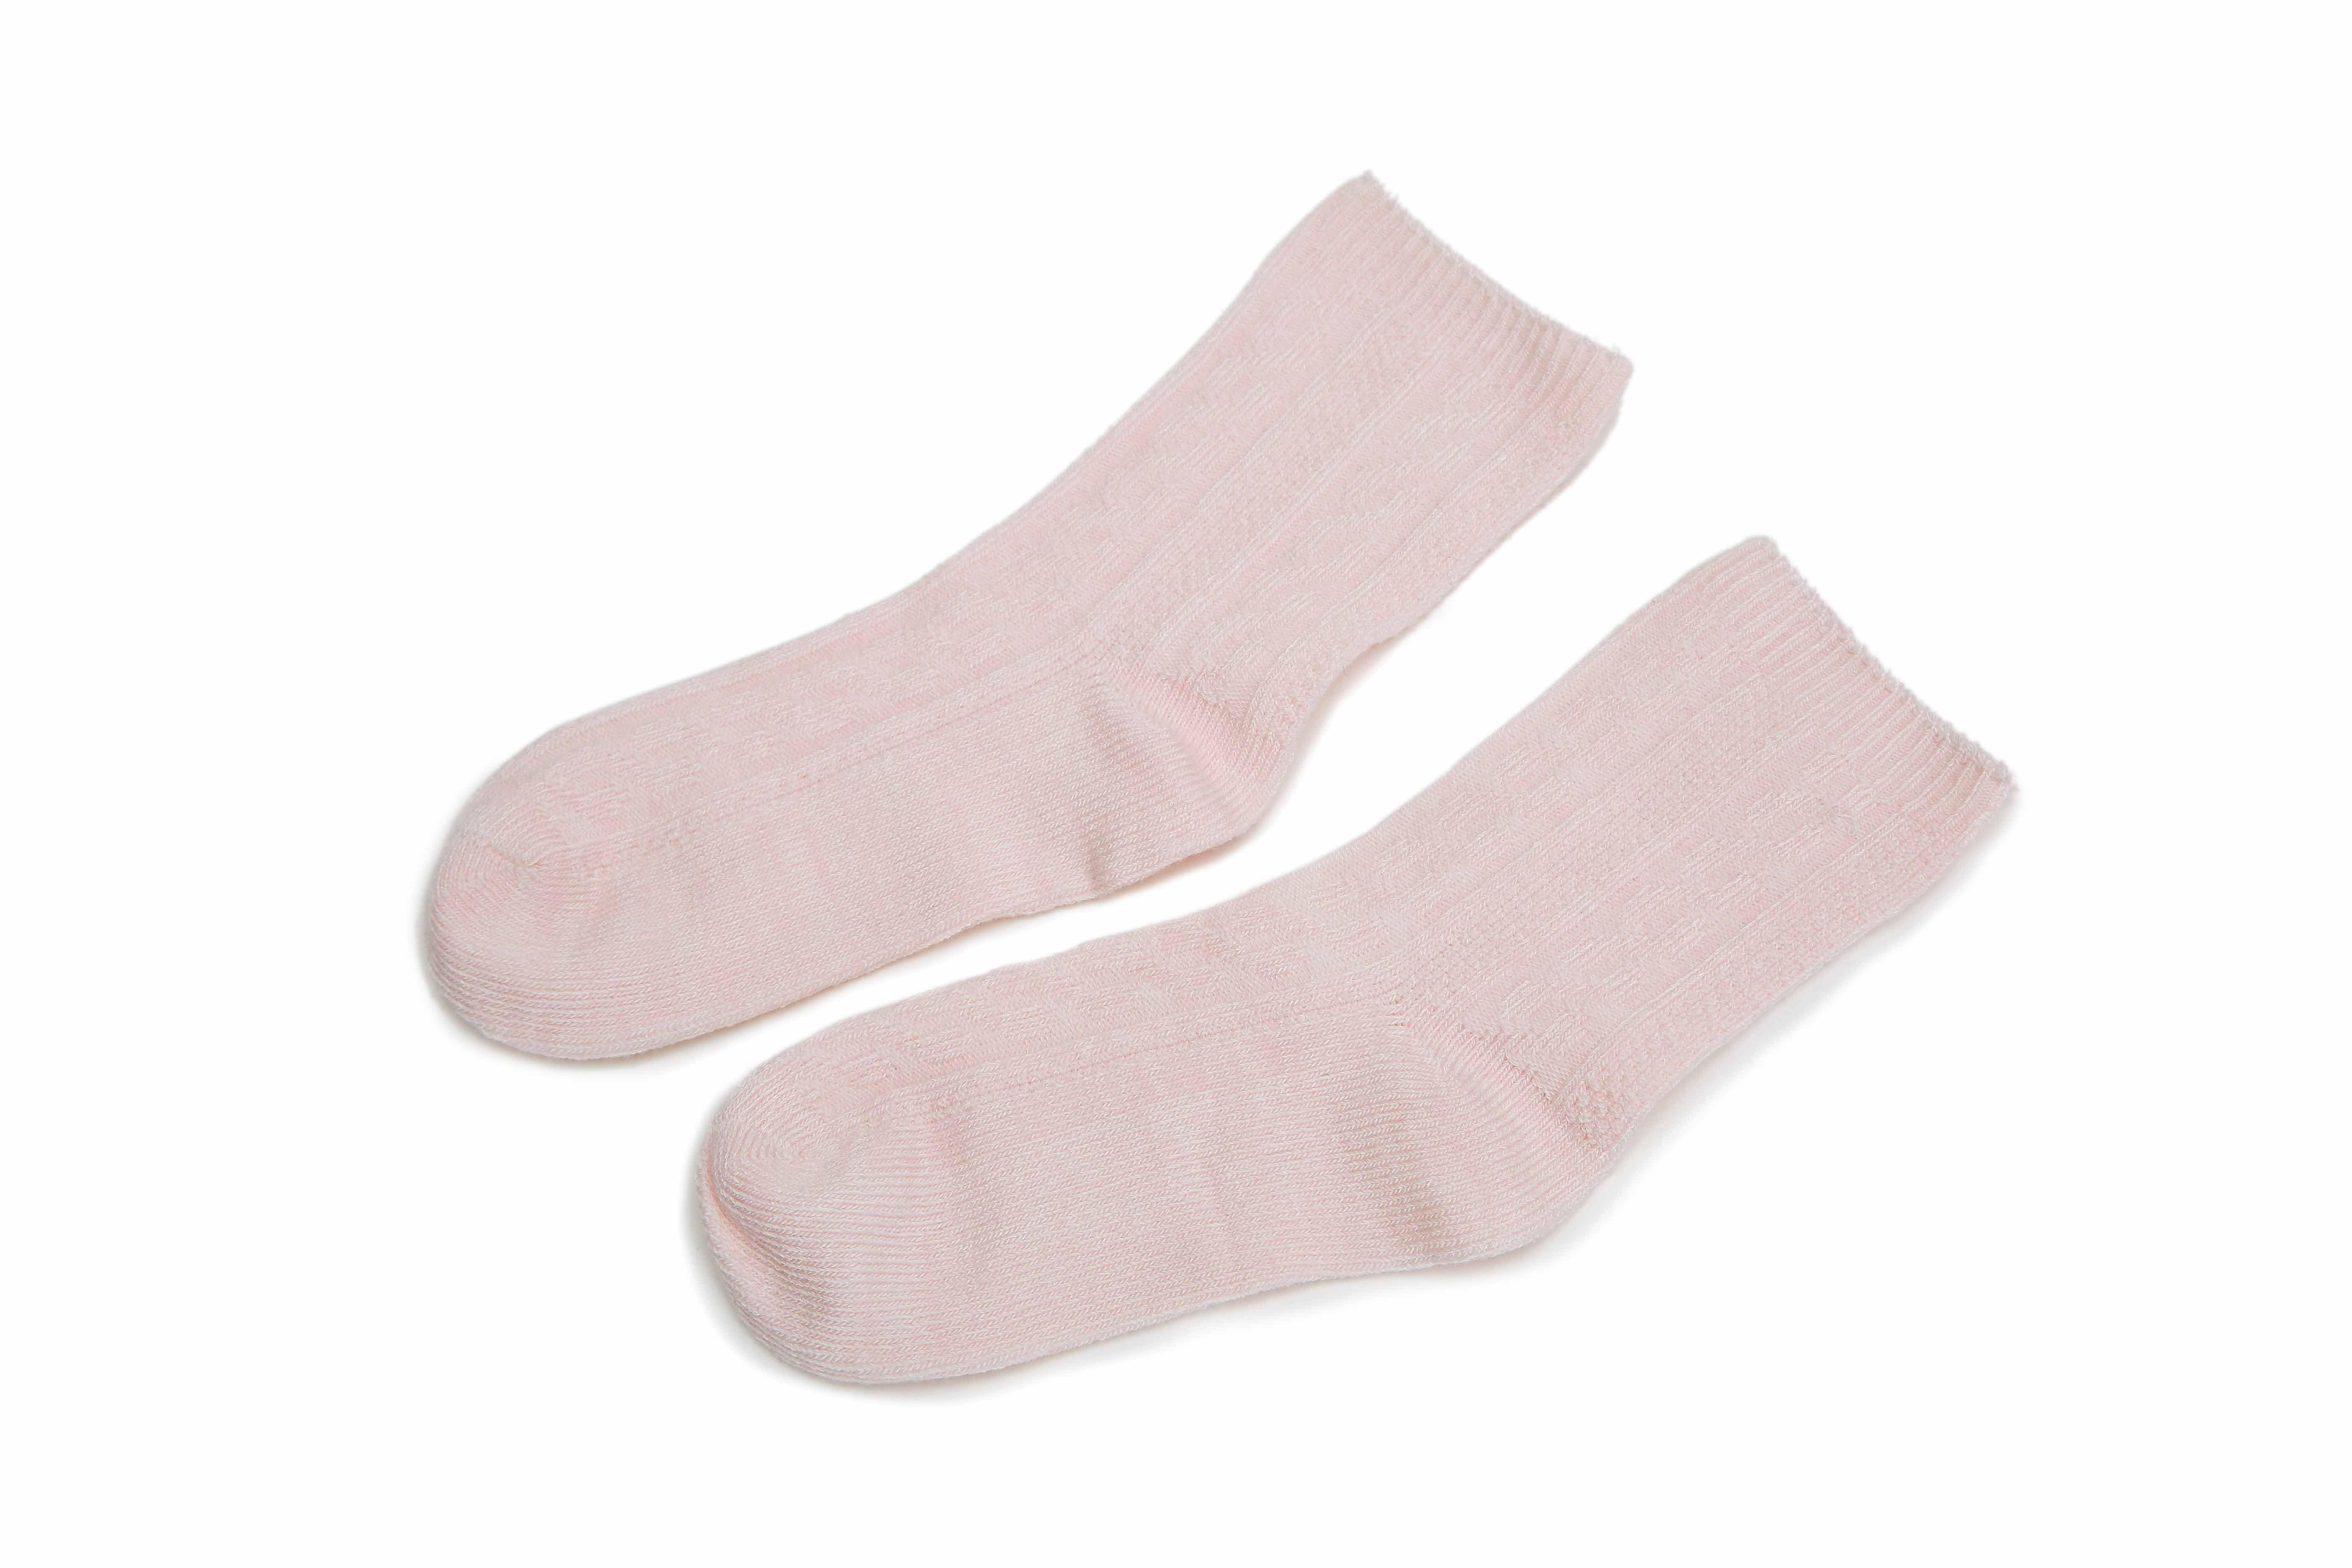 爱慕玛蒂诺机能鞋袜子机能袜